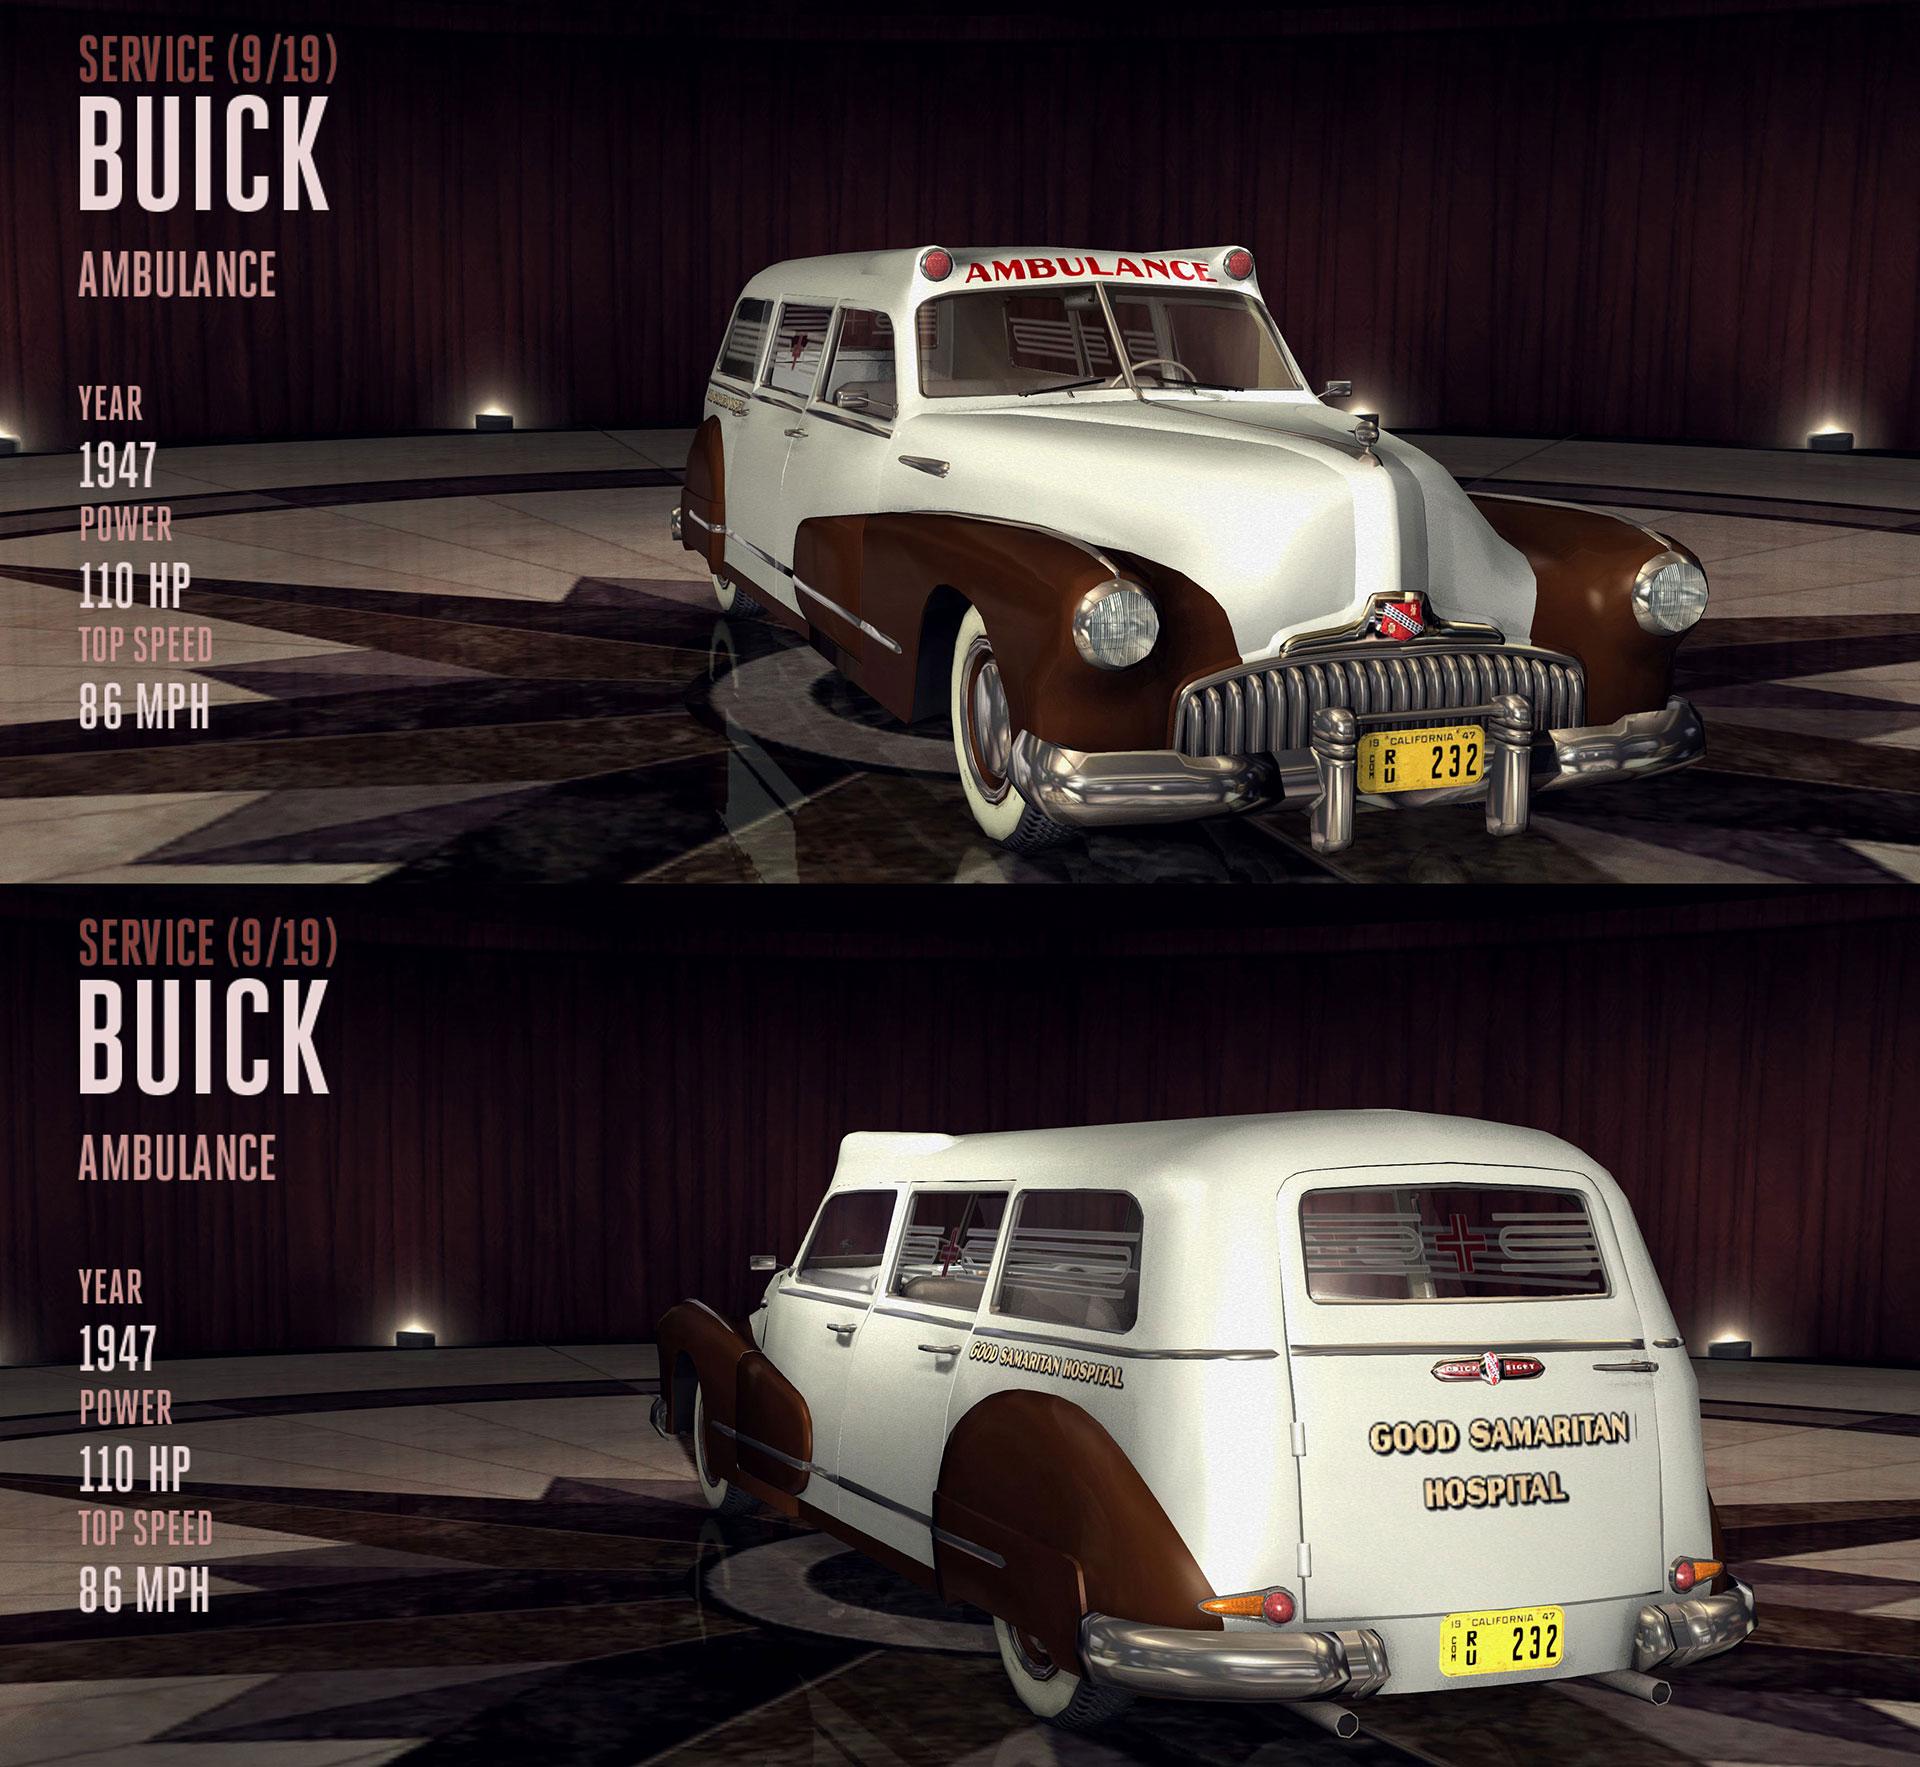 File:1947-buick-ambulance.jpg